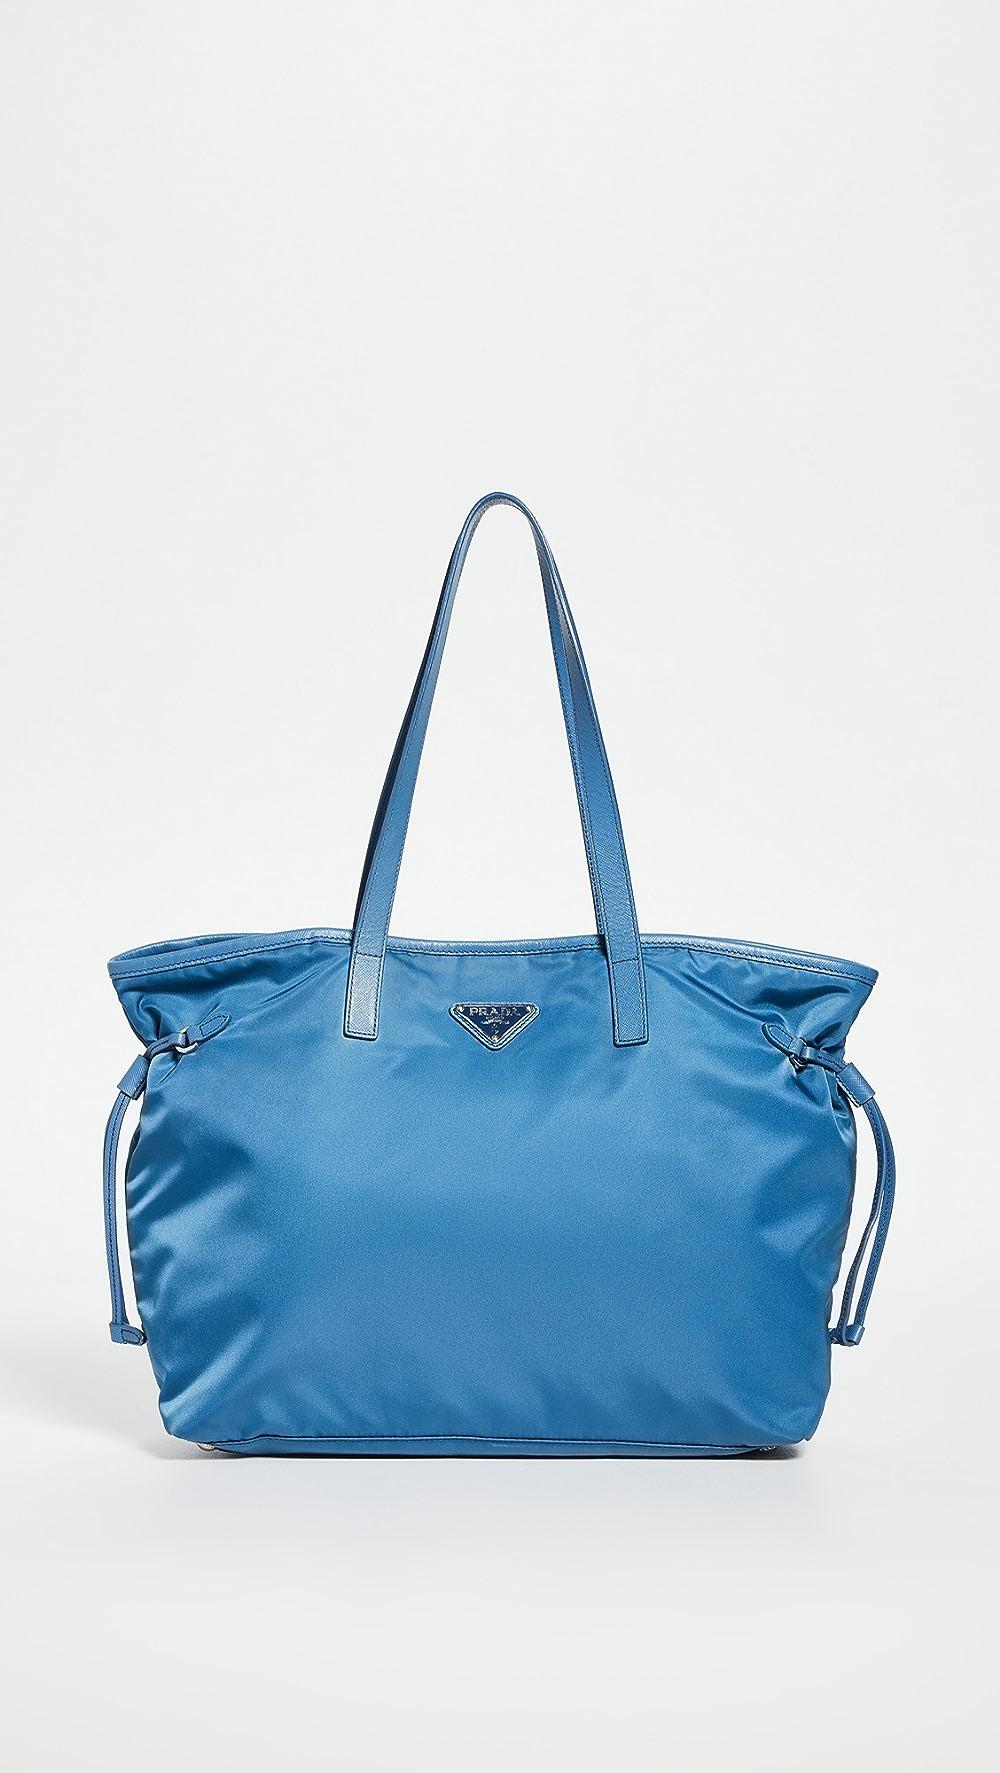 Aggressive What Goes Around Comes Around - Prada Blue Nylon Tote Attractive Fashion